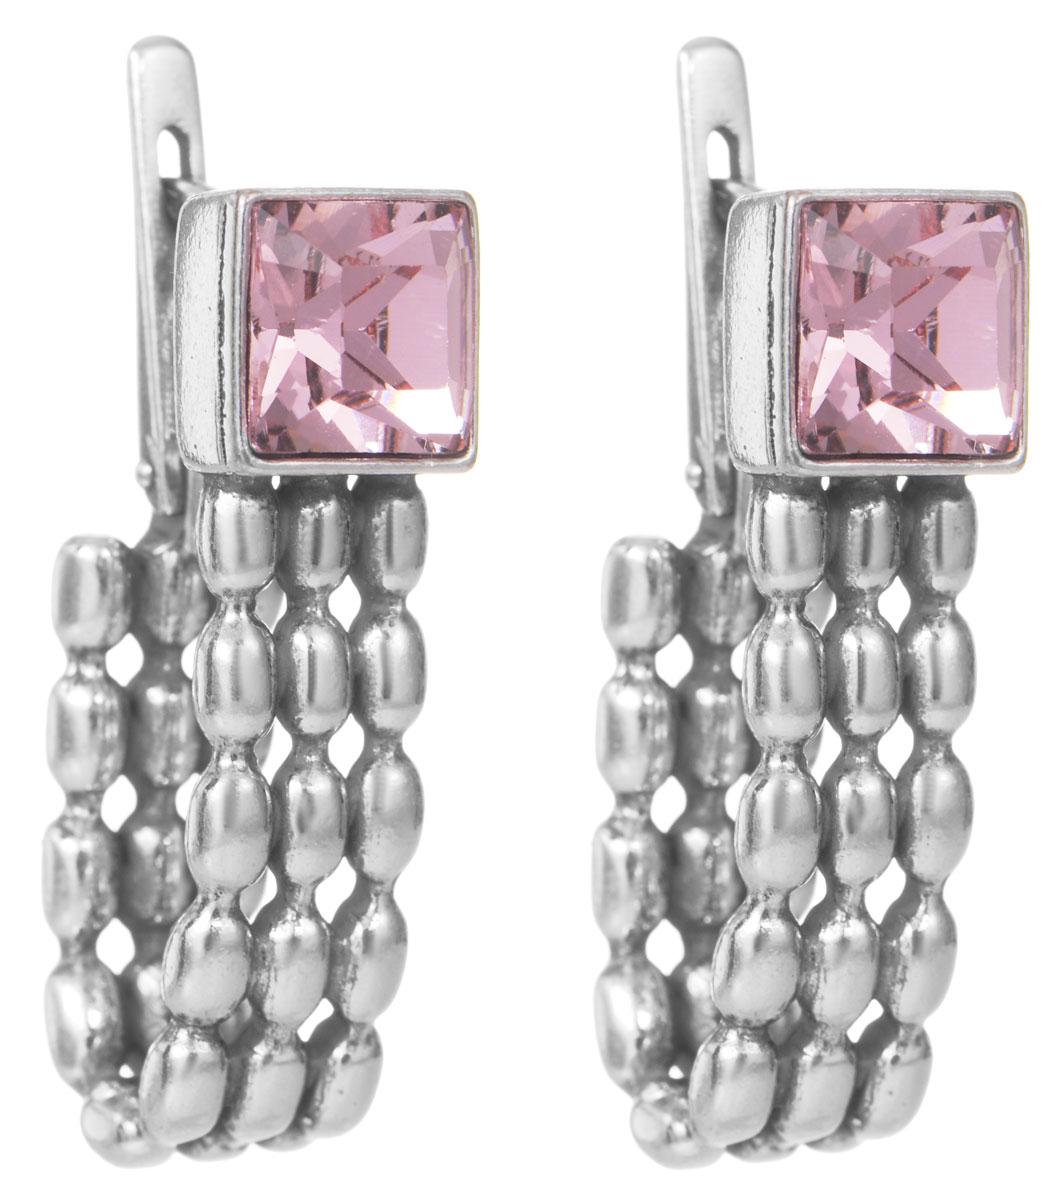 Серьги Jenavi Авенсис, цвет: серебро, розовый. h0483110h0483110Стильные серьги Jenavi Авенсис выполнены из ювелирного сплава с антиаллергическим гальваническим покрытием из черненого серебра. Изделие дополнено кристаллами Swarovski квадратной формы. Серьги застегиваются на удобный английский замок, который эстетично включается в дизайн украшения. Оригинальные серьги Jenavi Авенсис помогут дополнить любой образ и привнести в него завершающий яркий штрих.